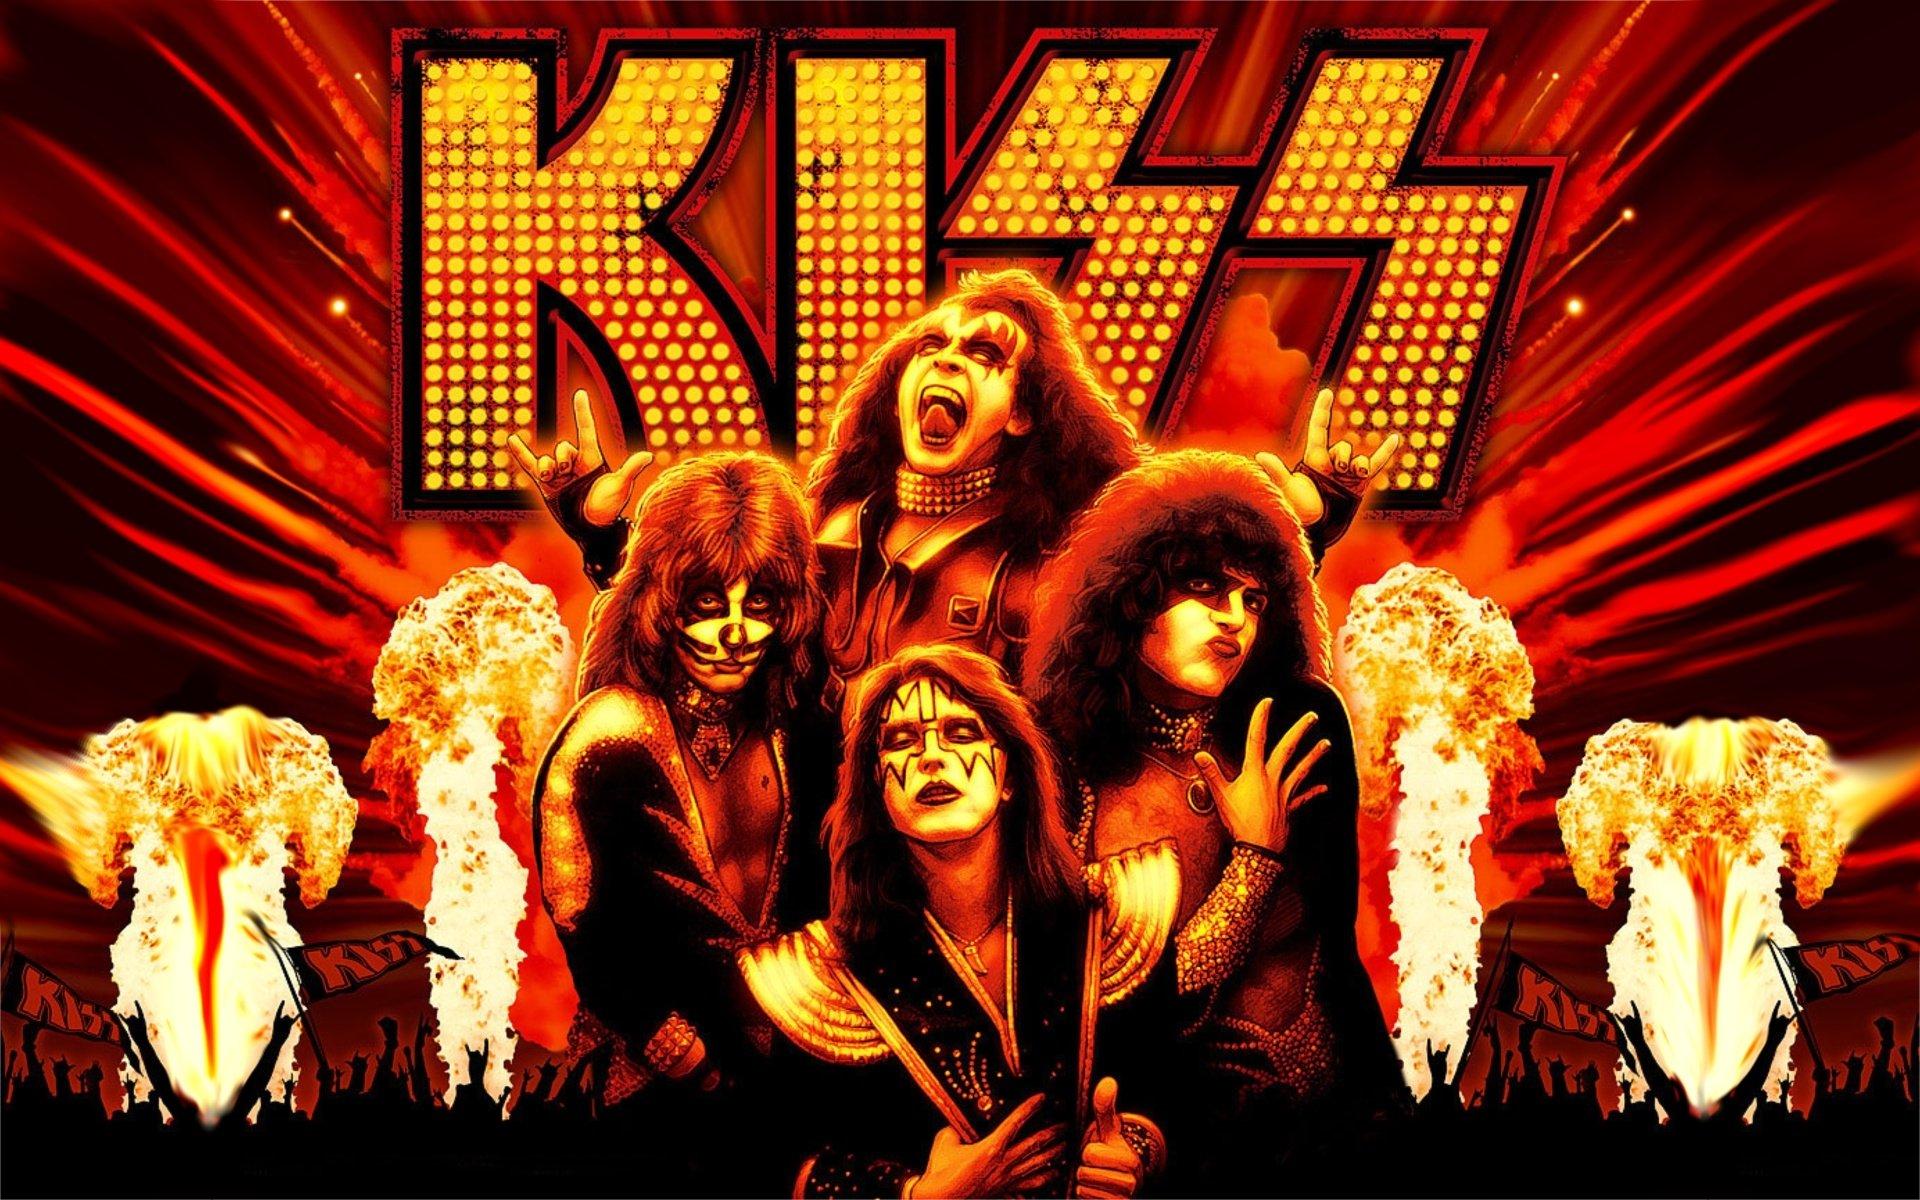 40 éve a rendőrök betiltottak egy Kiss-posztert